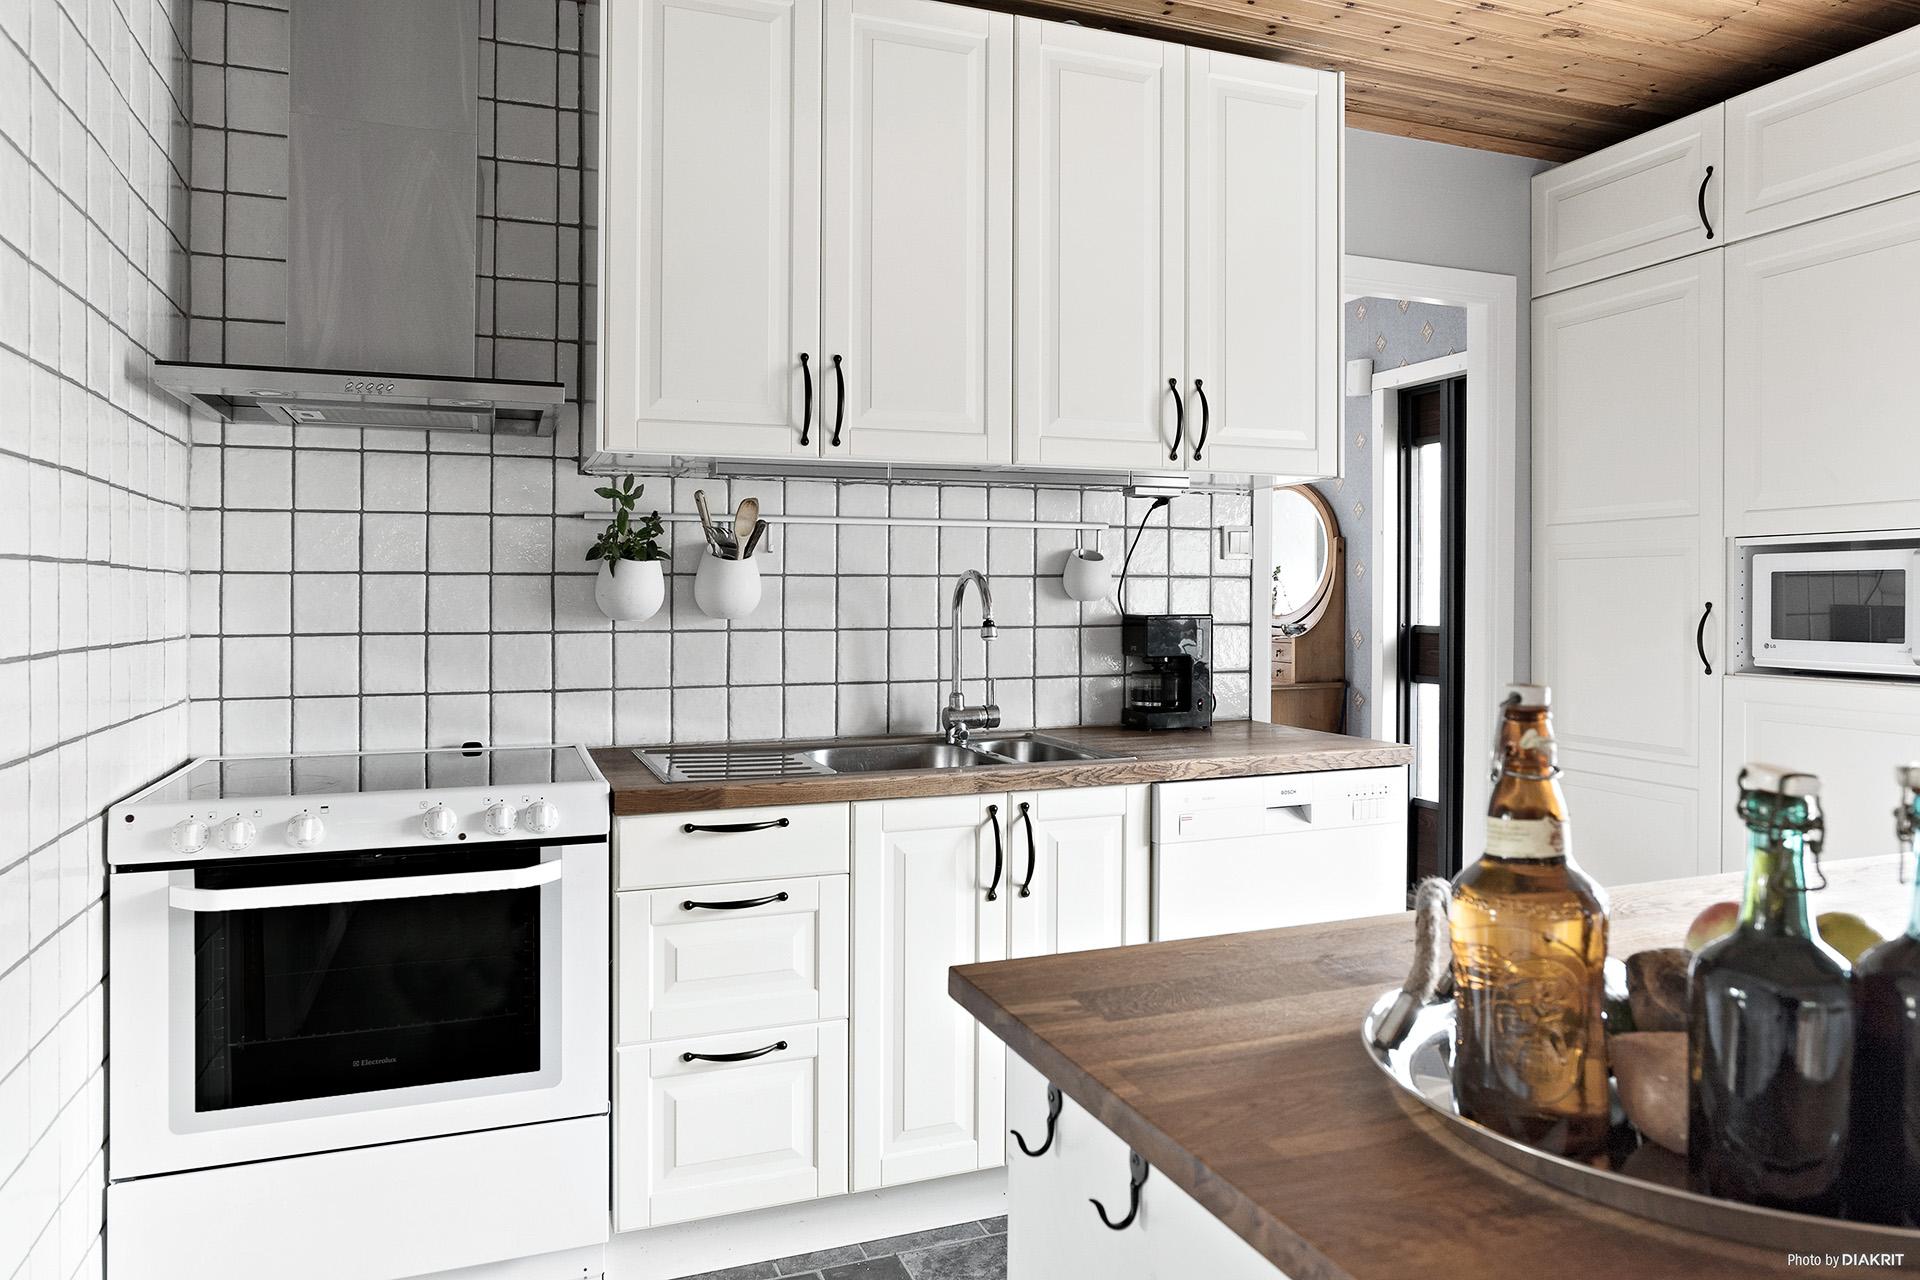 Funktionellt och praktiskt kök